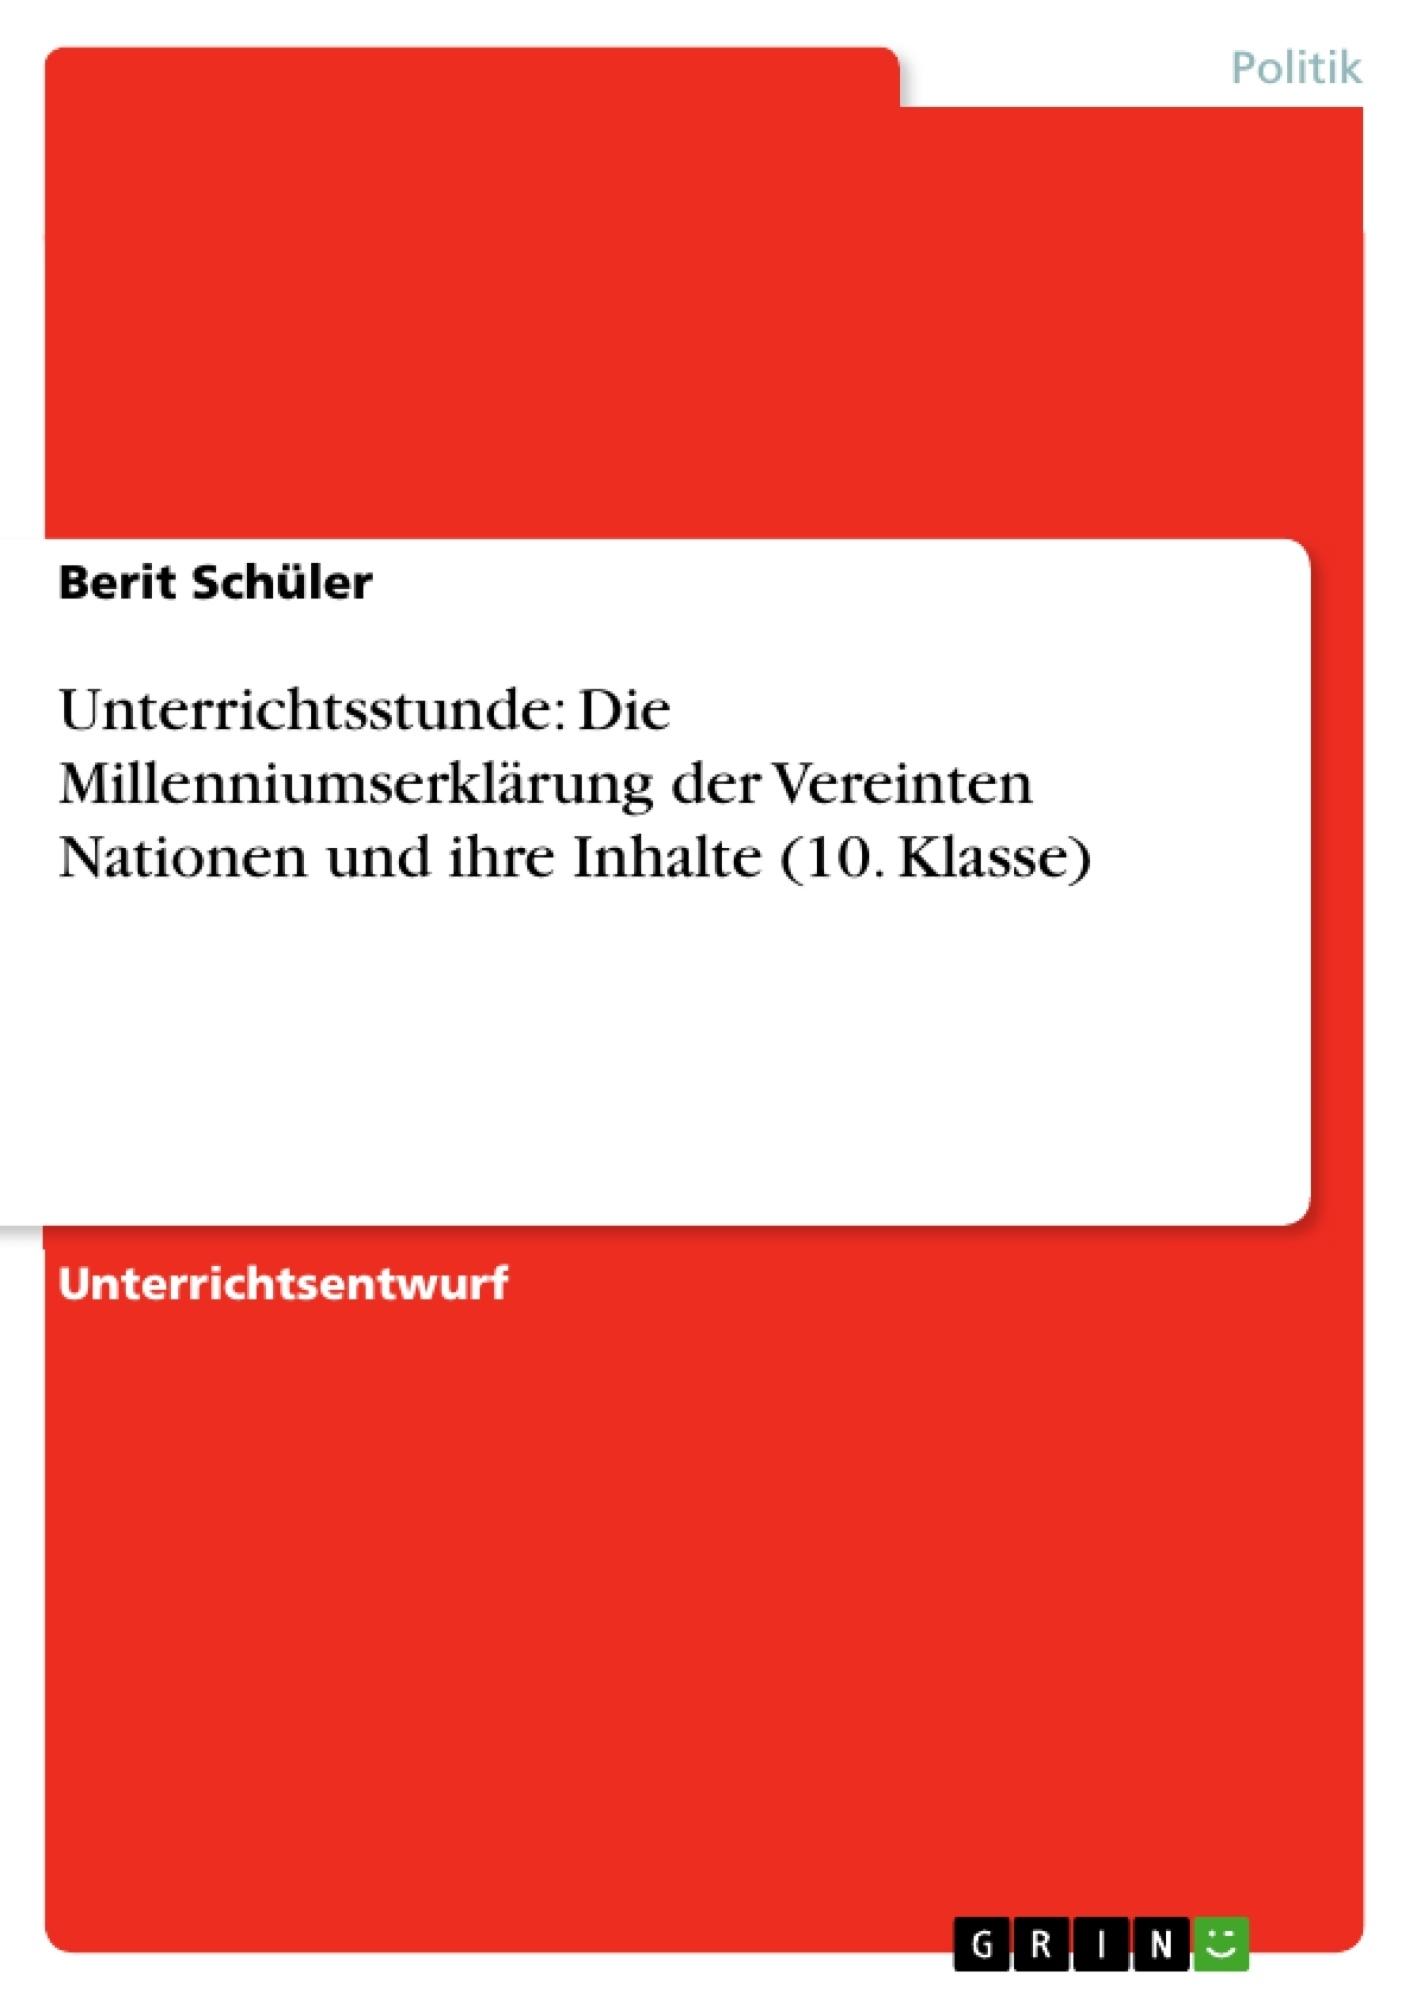 Titel: Unterrichtsstunde: Die Millenniumserklärung der Vereinten Nationen und ihre Inhalte (10. Klasse)